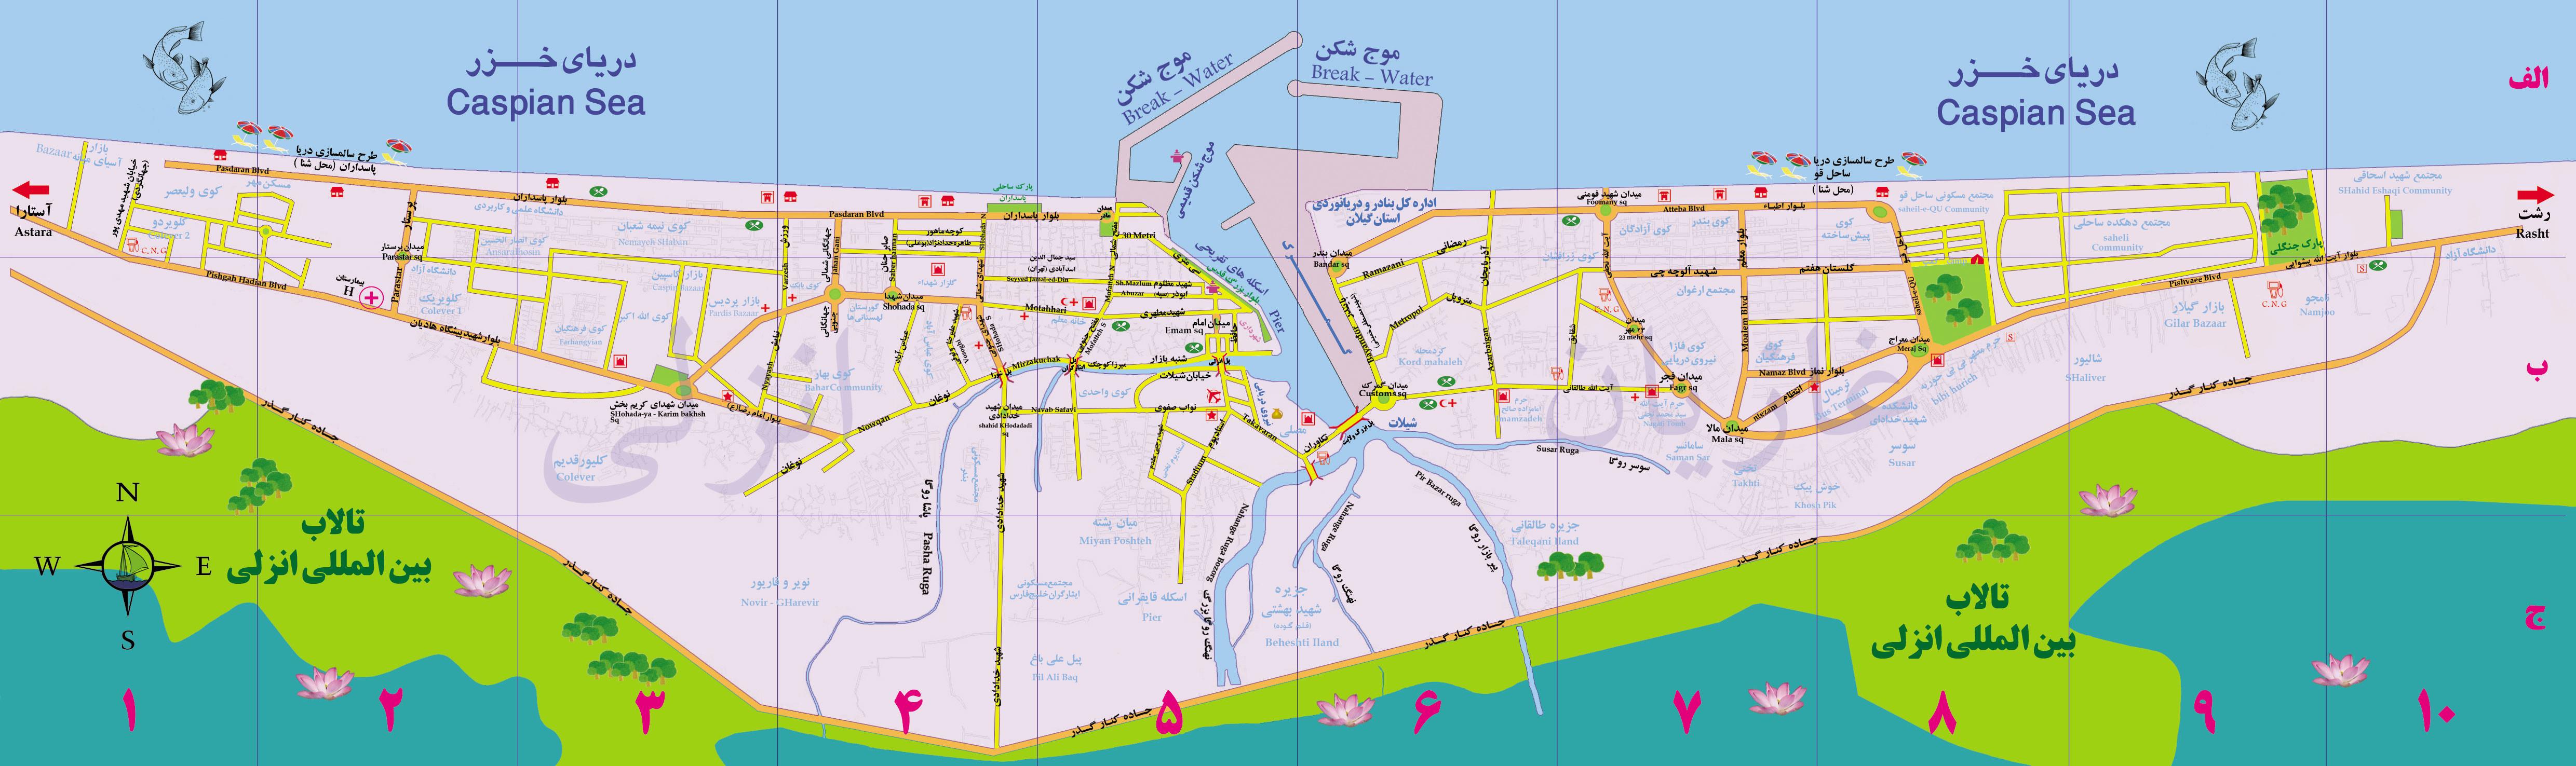 نقشه بندر انزلی